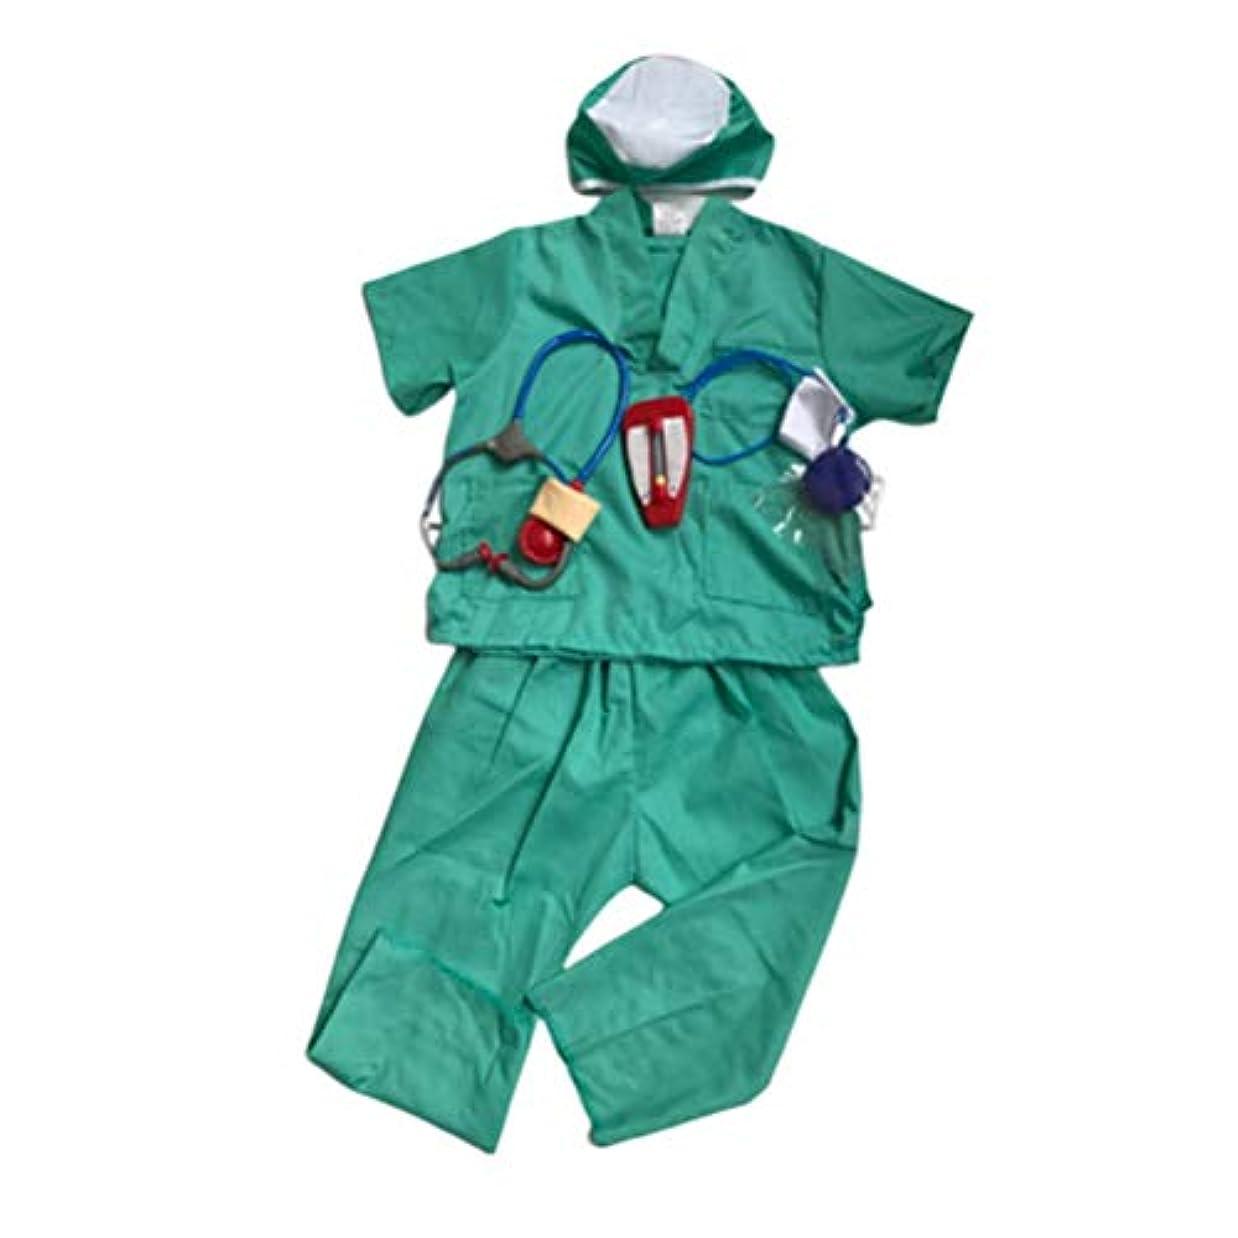 チェリーハリケーン委員会Amosfunドクターユニフォーム子供のための子供手術ガウンコスプレ衣装ロールプレイ衣装ハロウィン仮装パーティー